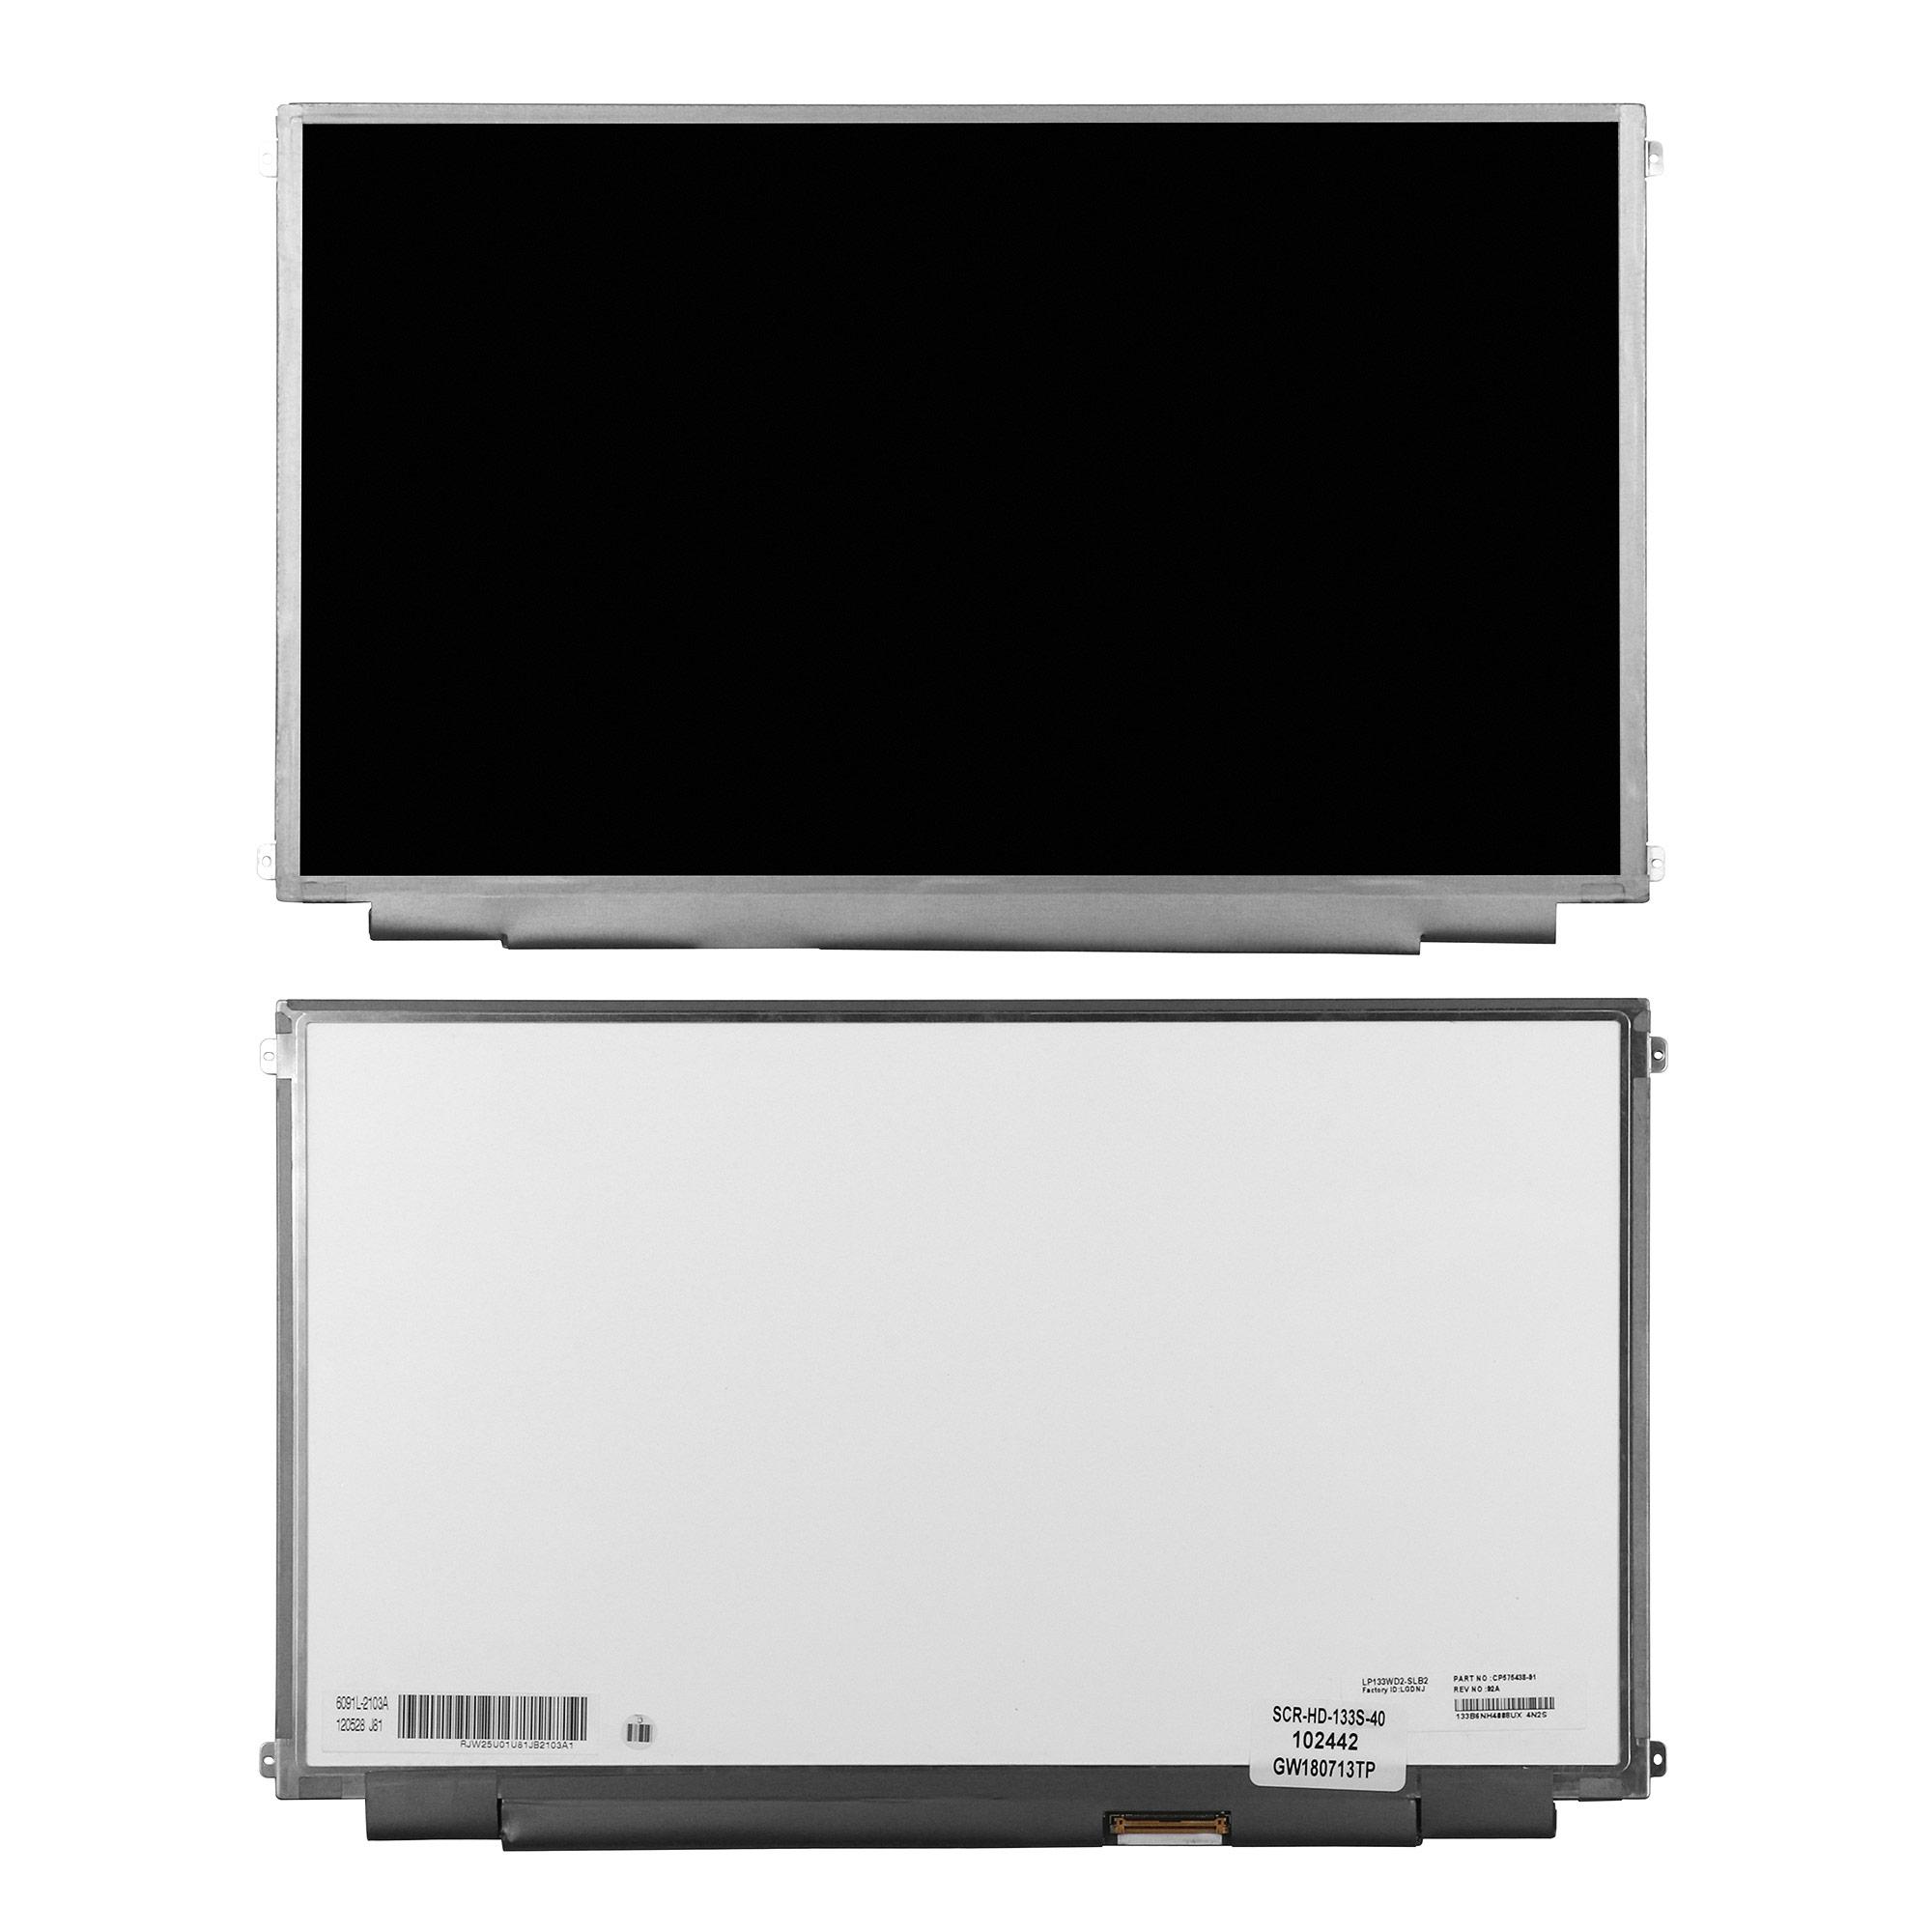 Запчасти для ремонта теле, видео, аудио 13.3 1600x900 HD+ 40 pin. Slim LED. Матовая. PN: LP133WD2 (SL)(B2).